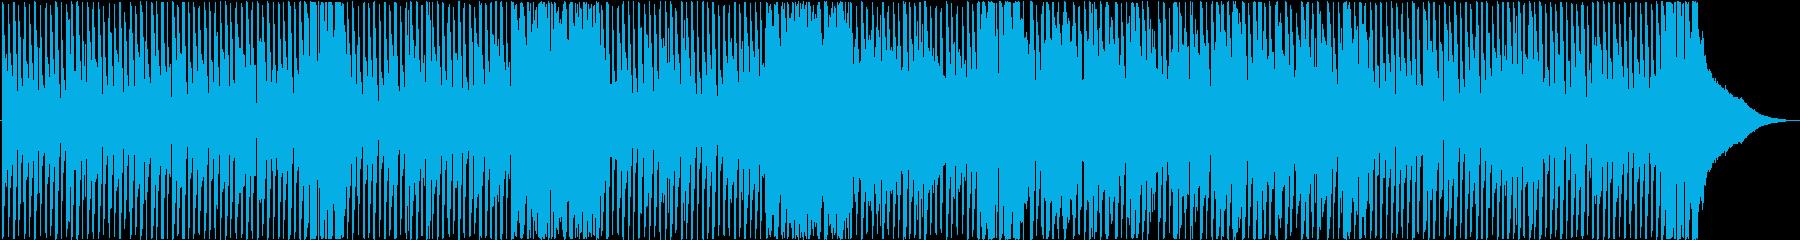 ソウルファンキーなんの再生済みの波形